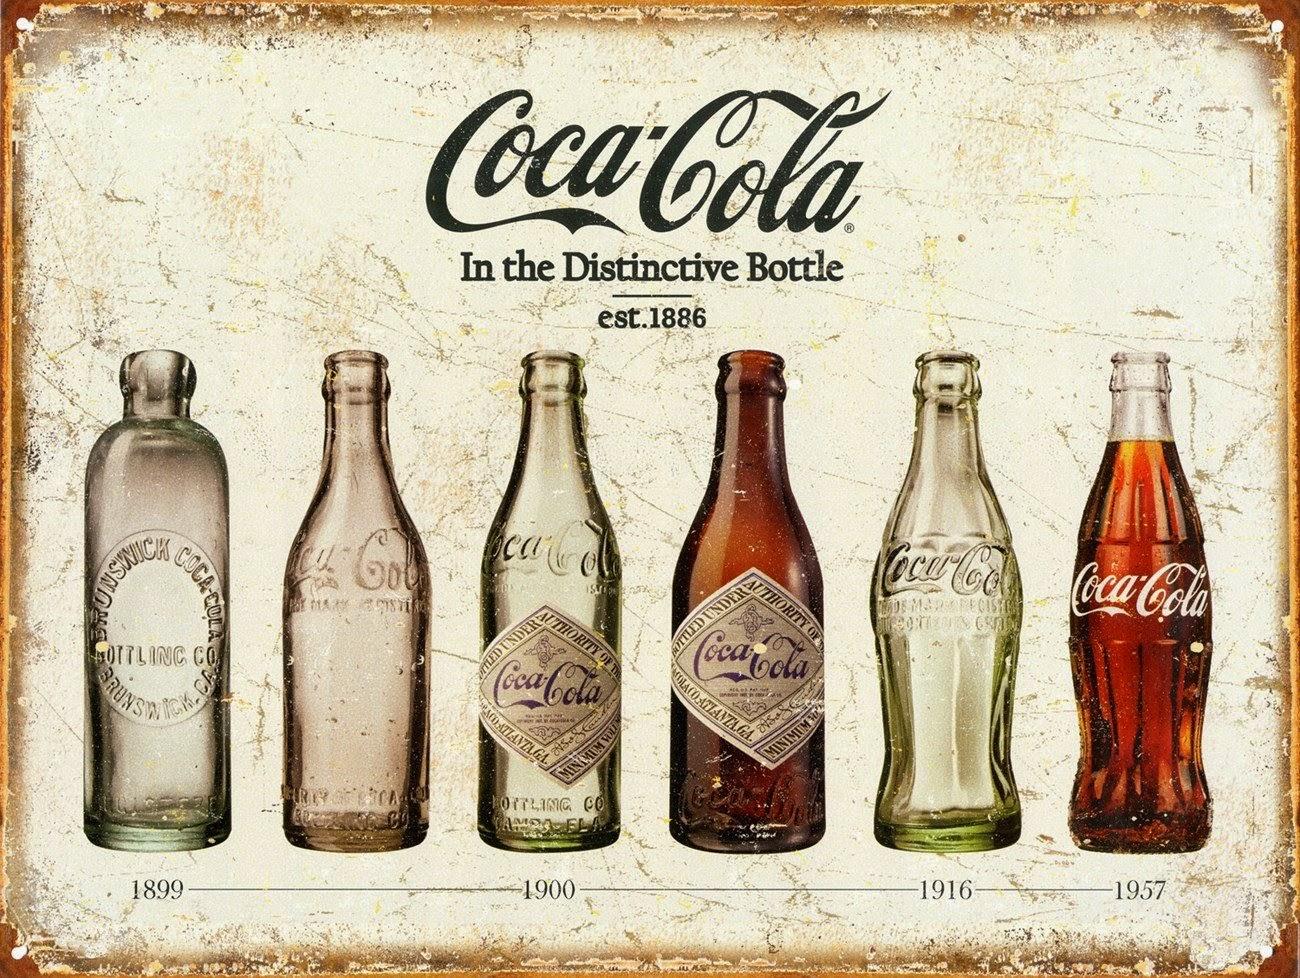 Placa Decorativa - Evolução das garrafas da Coca-Cola